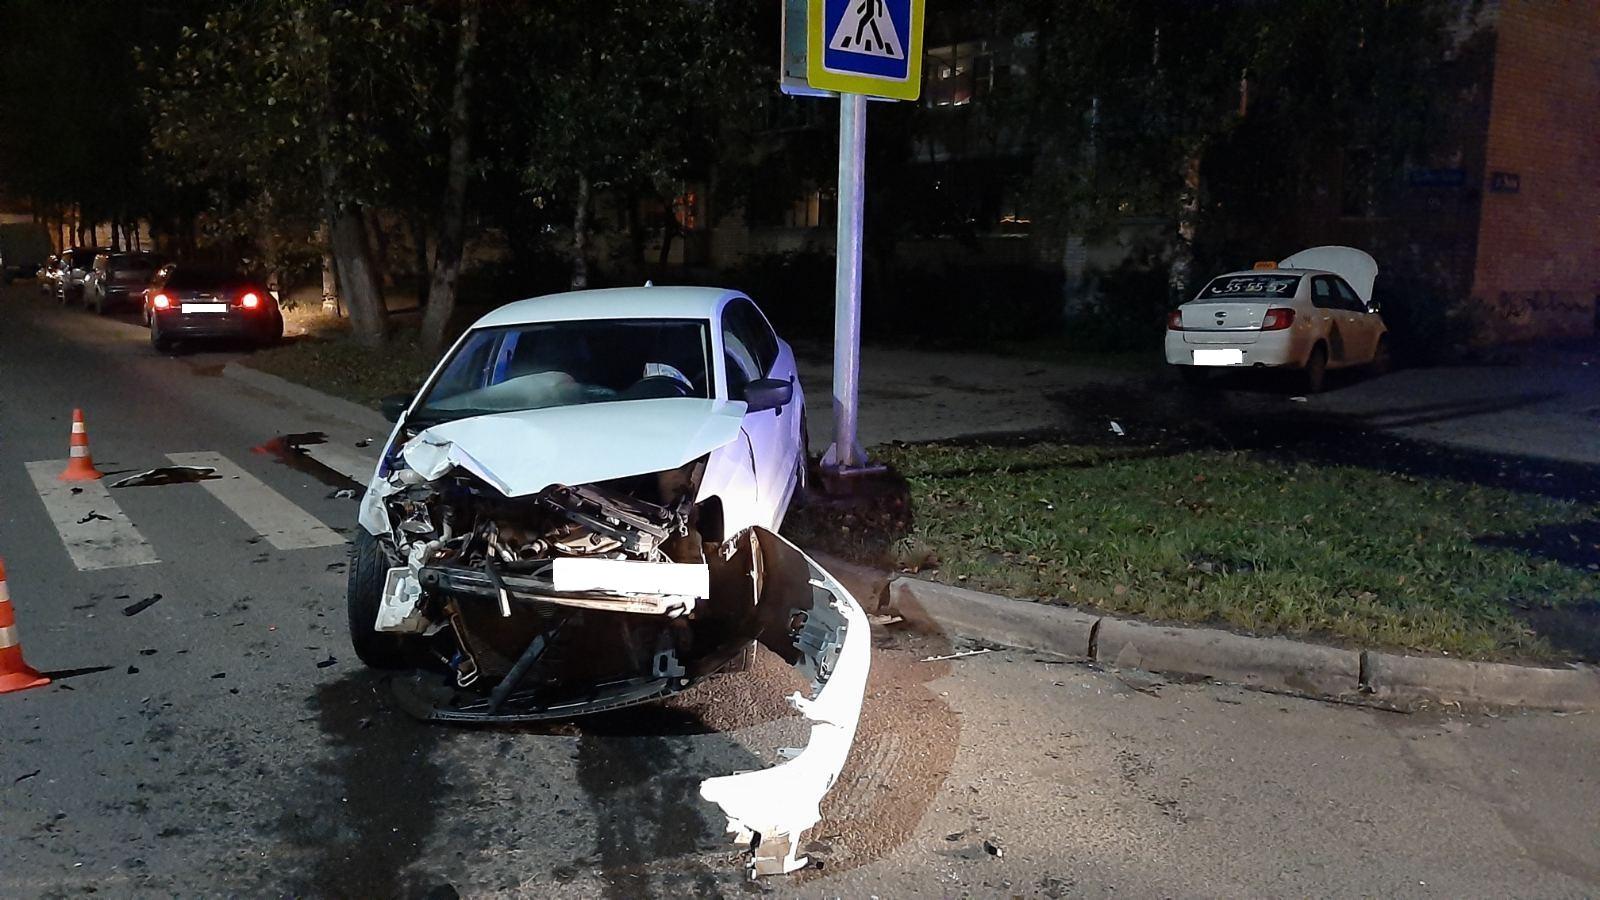 Два человека пострадали встолкновении «Датсуна» и«Фольксвагена» вВологде